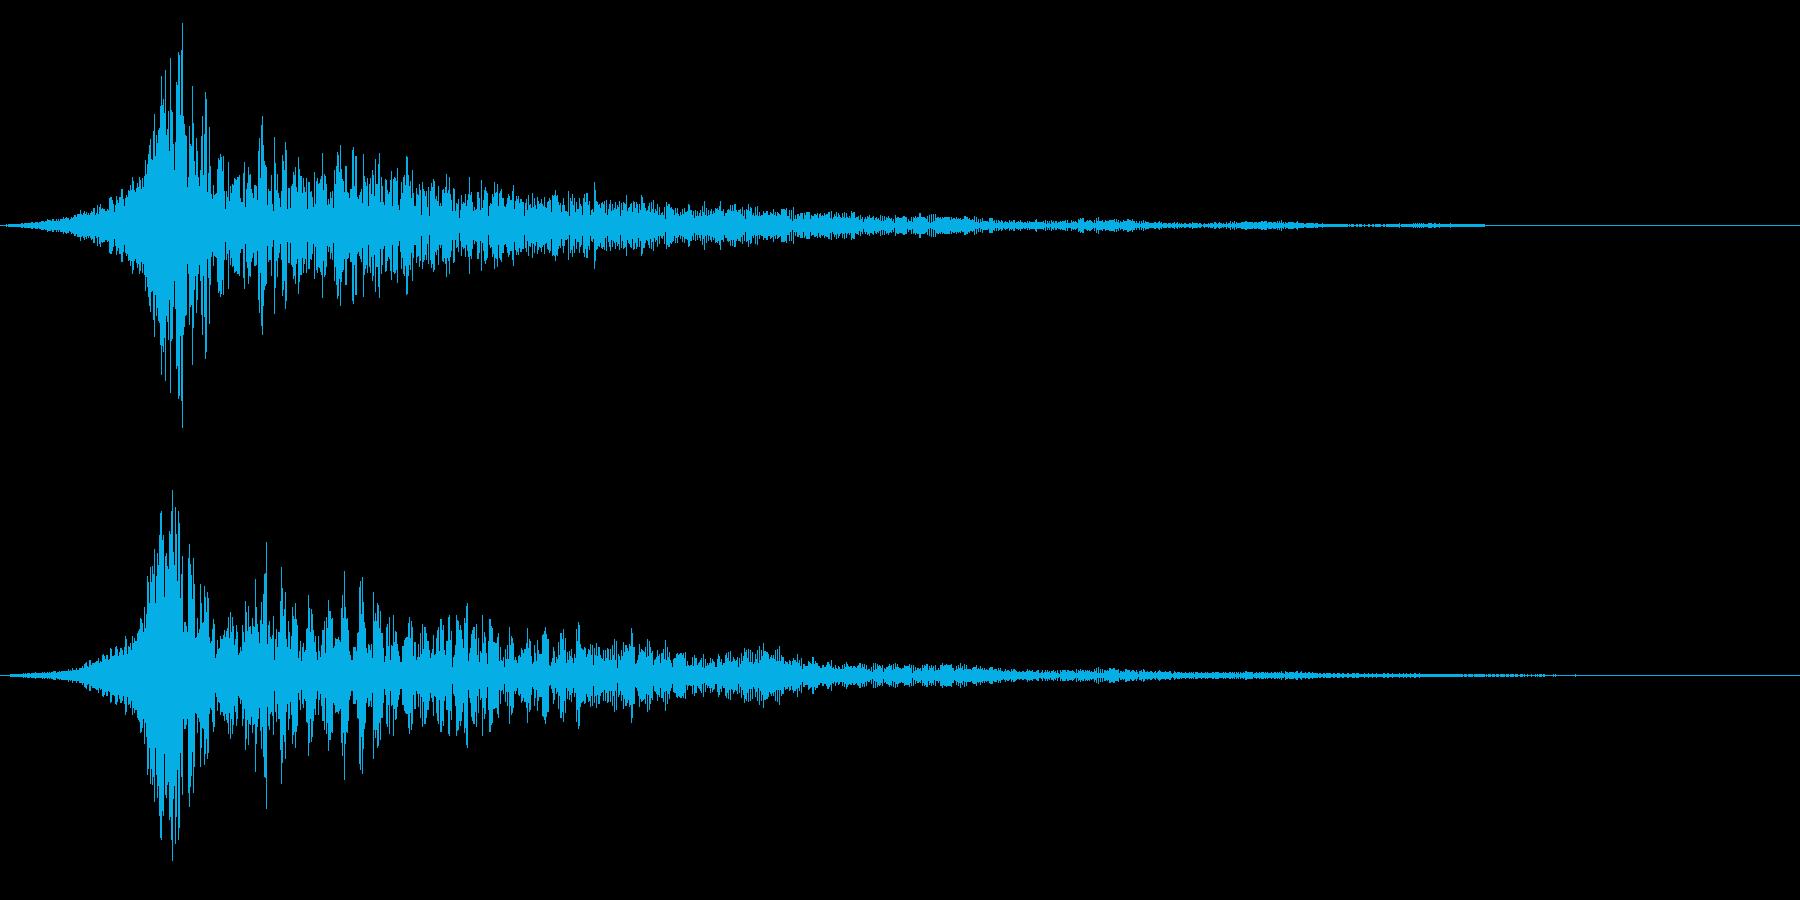 ホラー系アタック音76の再生済みの波形